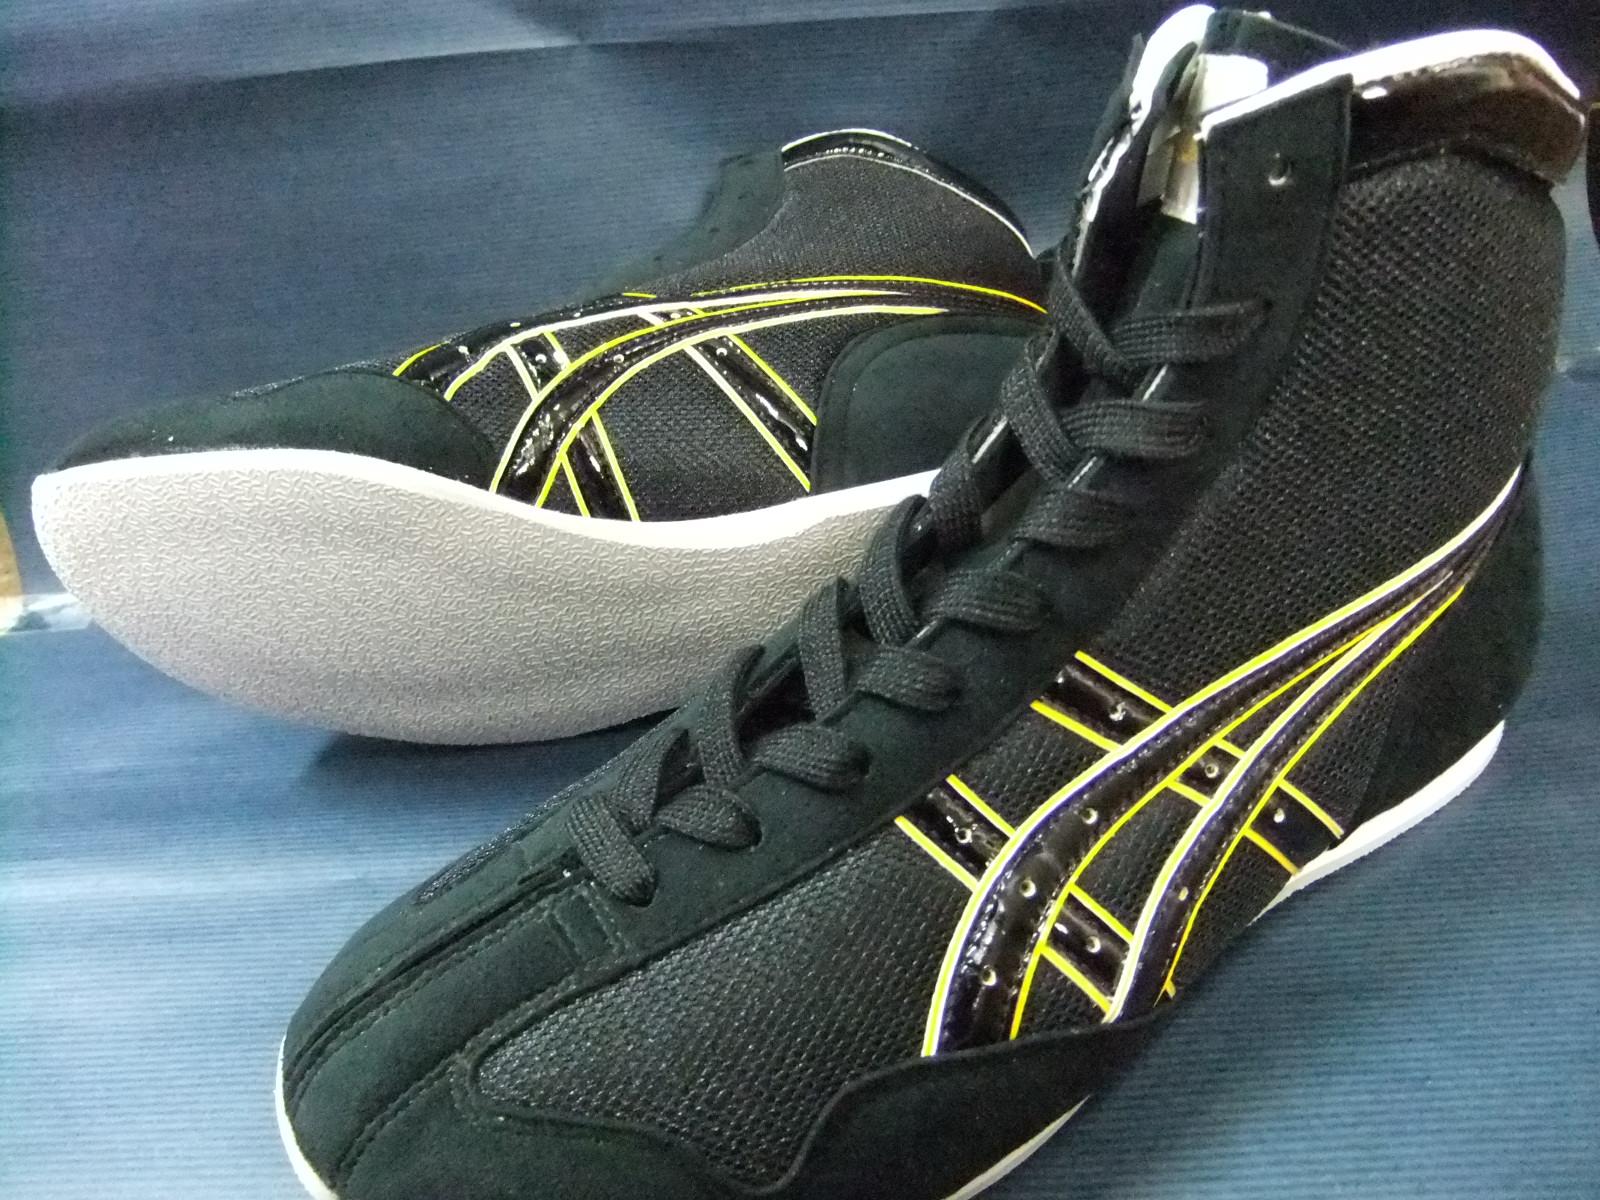 アシックスショートボクシングシューズアメリカ屋オリジナルカラー 黒×黒×黄